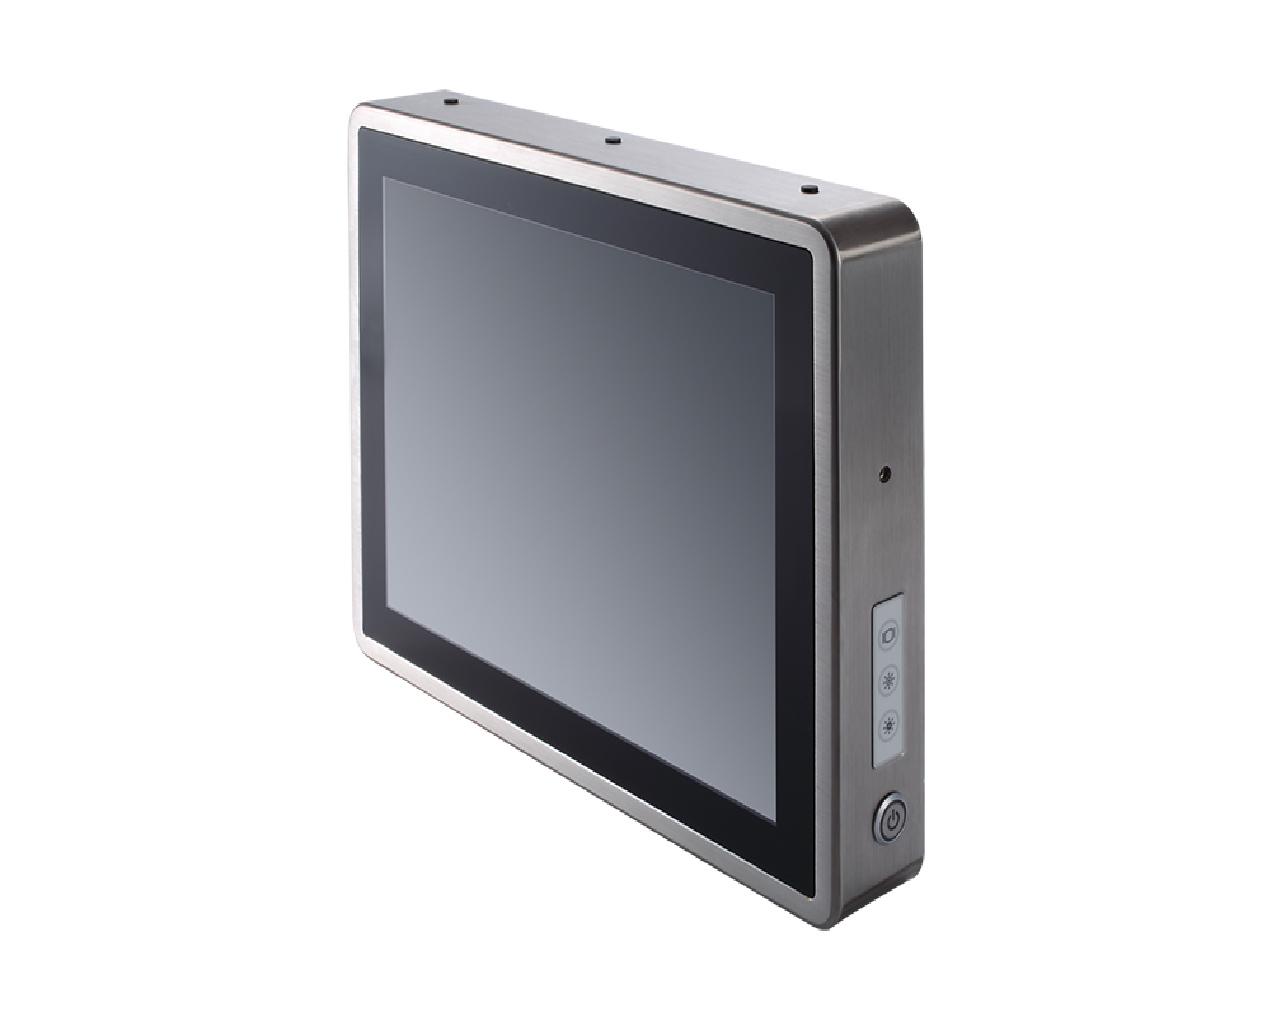 15吋全機IP66防水防塵無風扇多點觸控不銹鋼平板電腦 / 艾訊股份有限公司